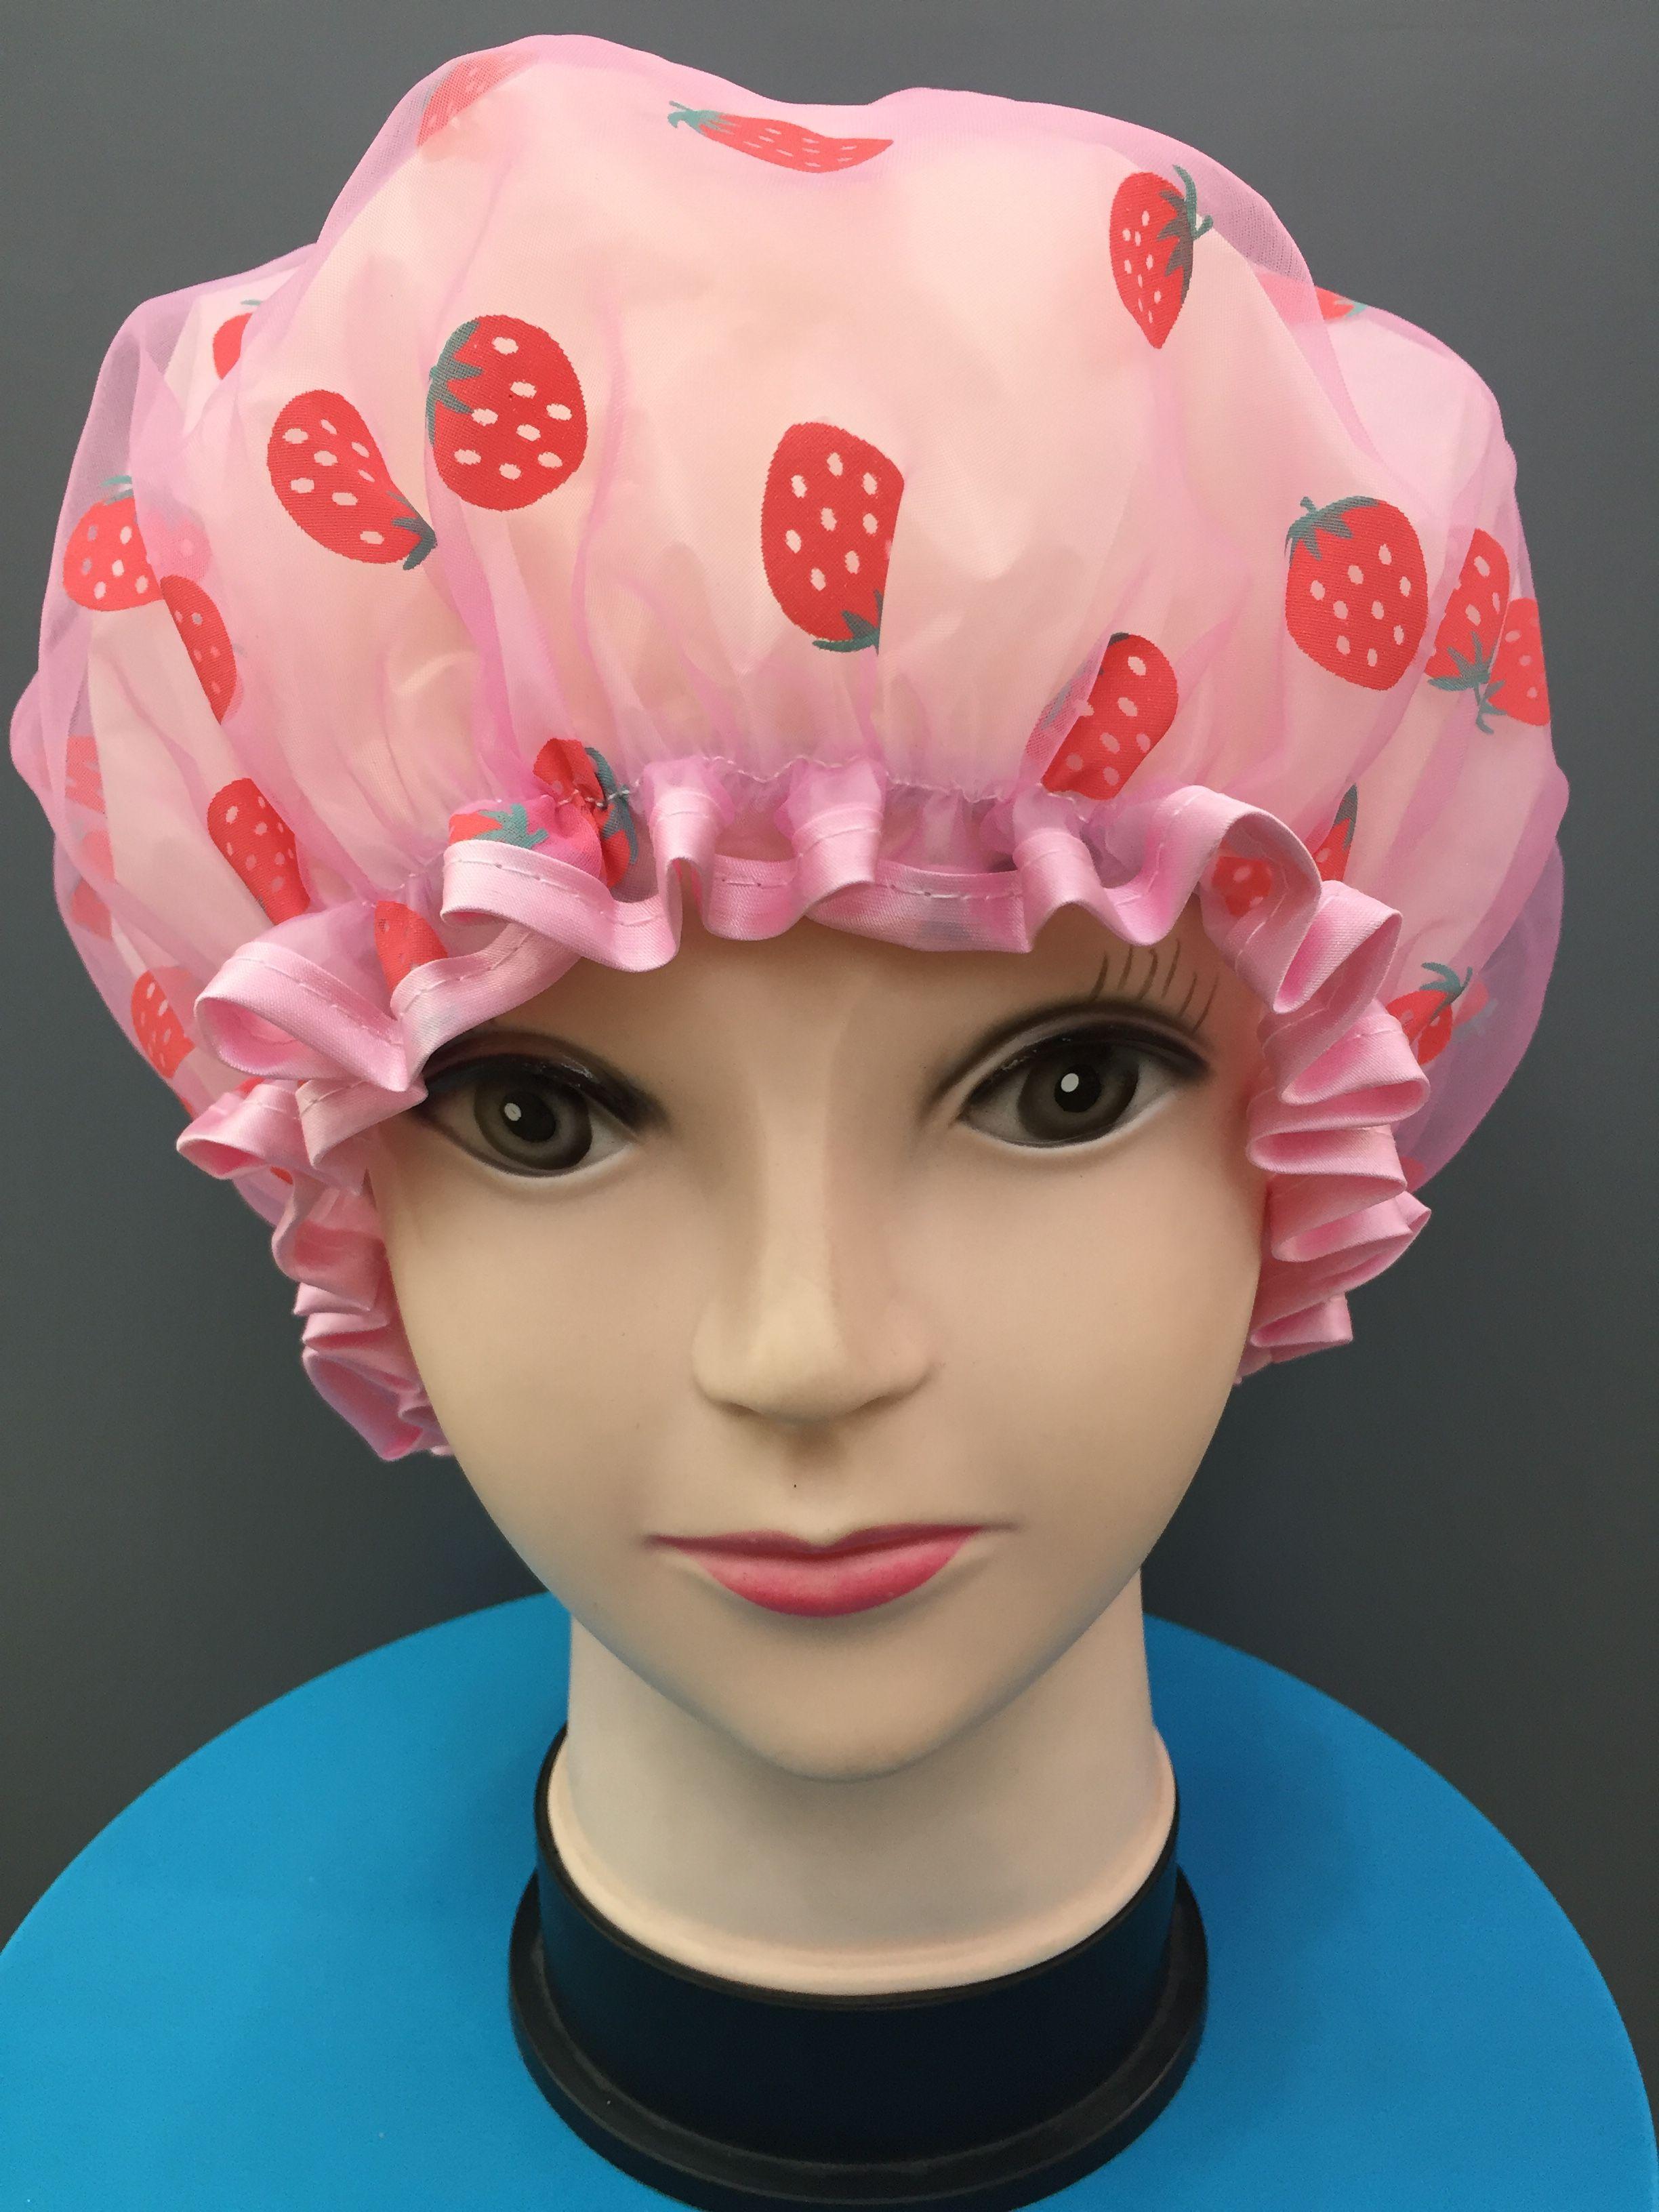 厂家直销 草莓双层包边浴帽 双层环保防水浴帽 旅行便捷浴帽